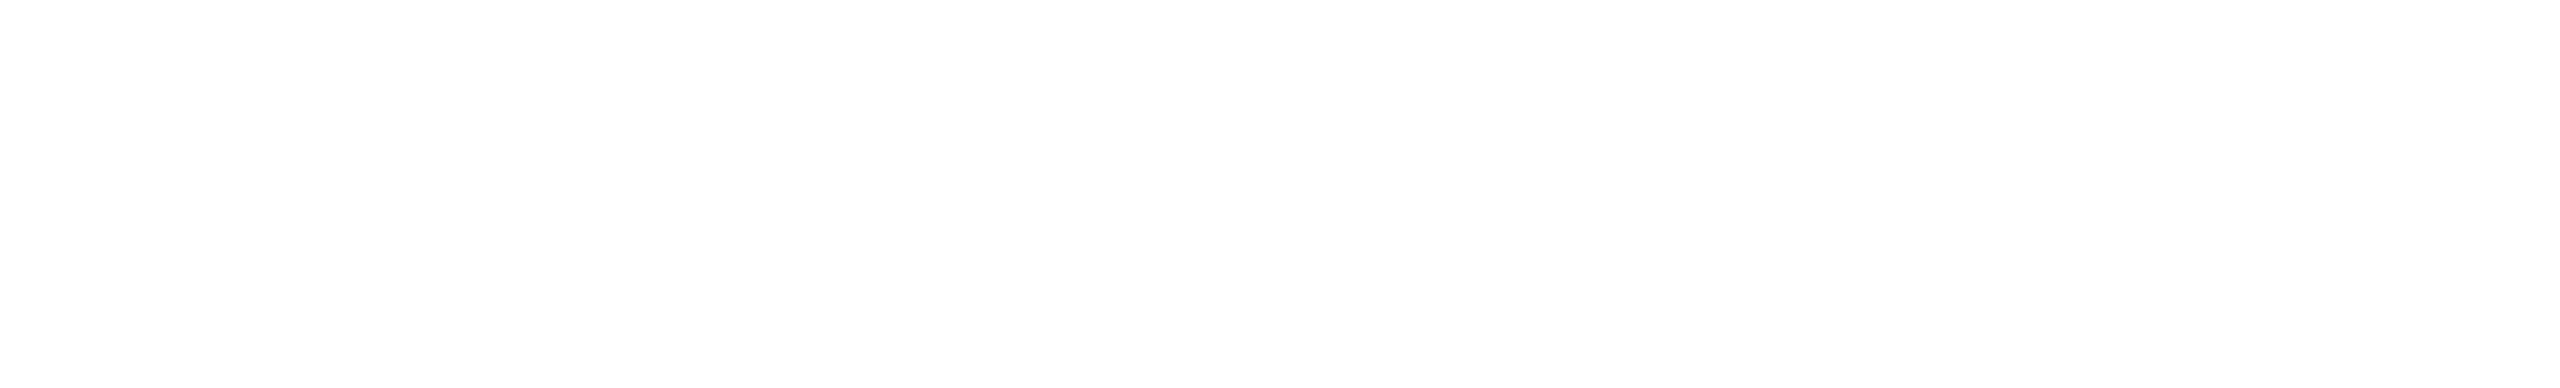 Signature_ES_en_nega